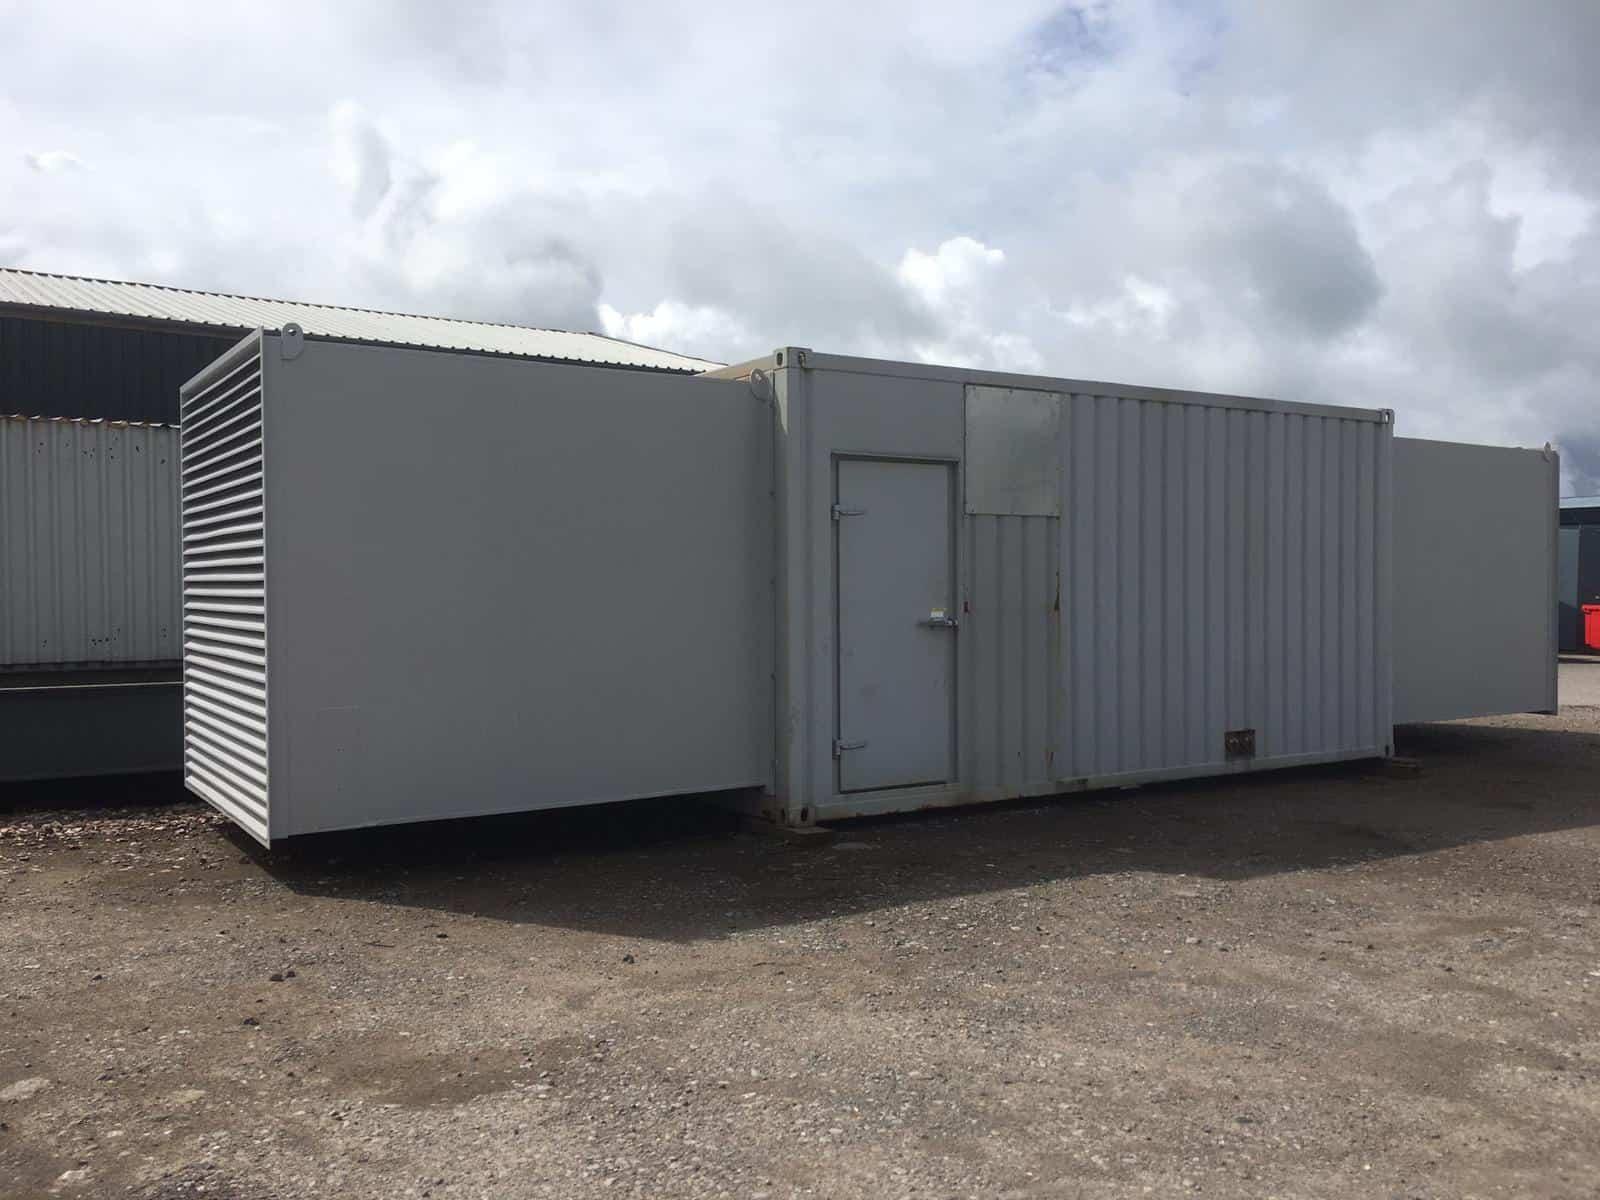 715 kVA Used diesel generator for sale